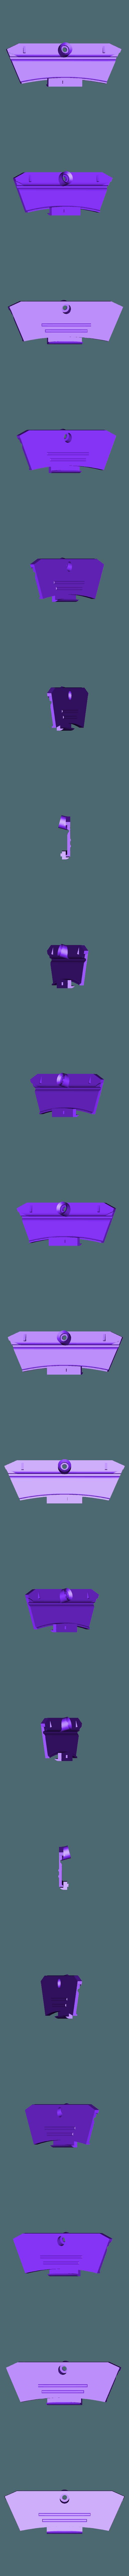 Karcher VW2 v0 v6.stl Télécharger fichier STL gratuit KARCHER VW2 • Objet à imprimer en 3D, Proloz